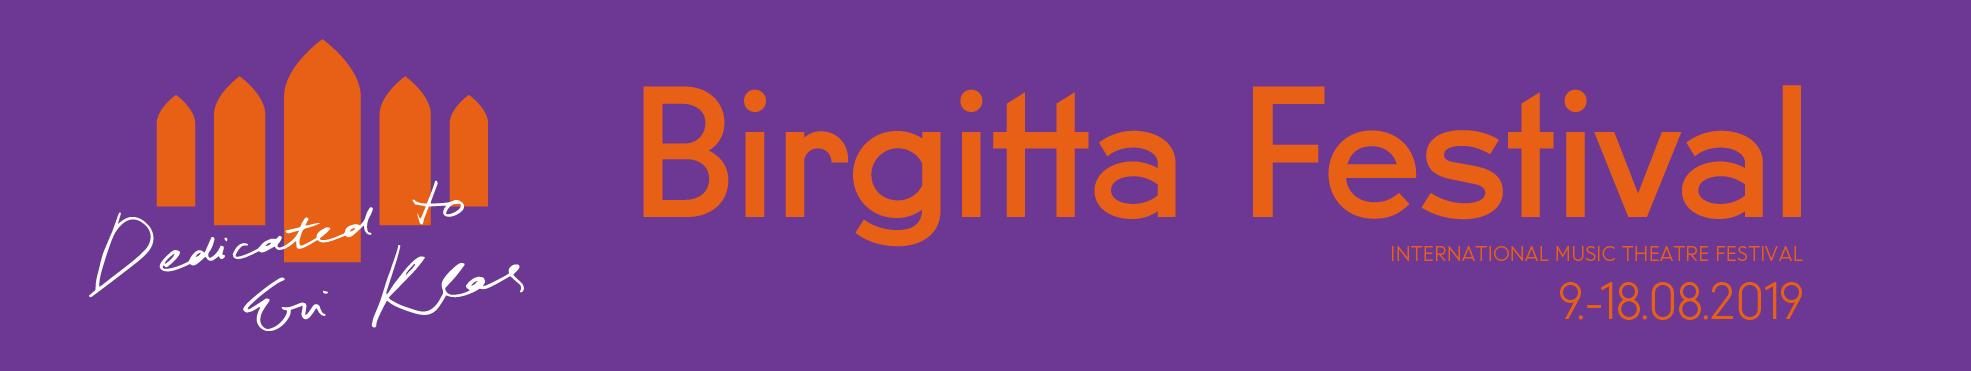 Birgitta2019 ENG